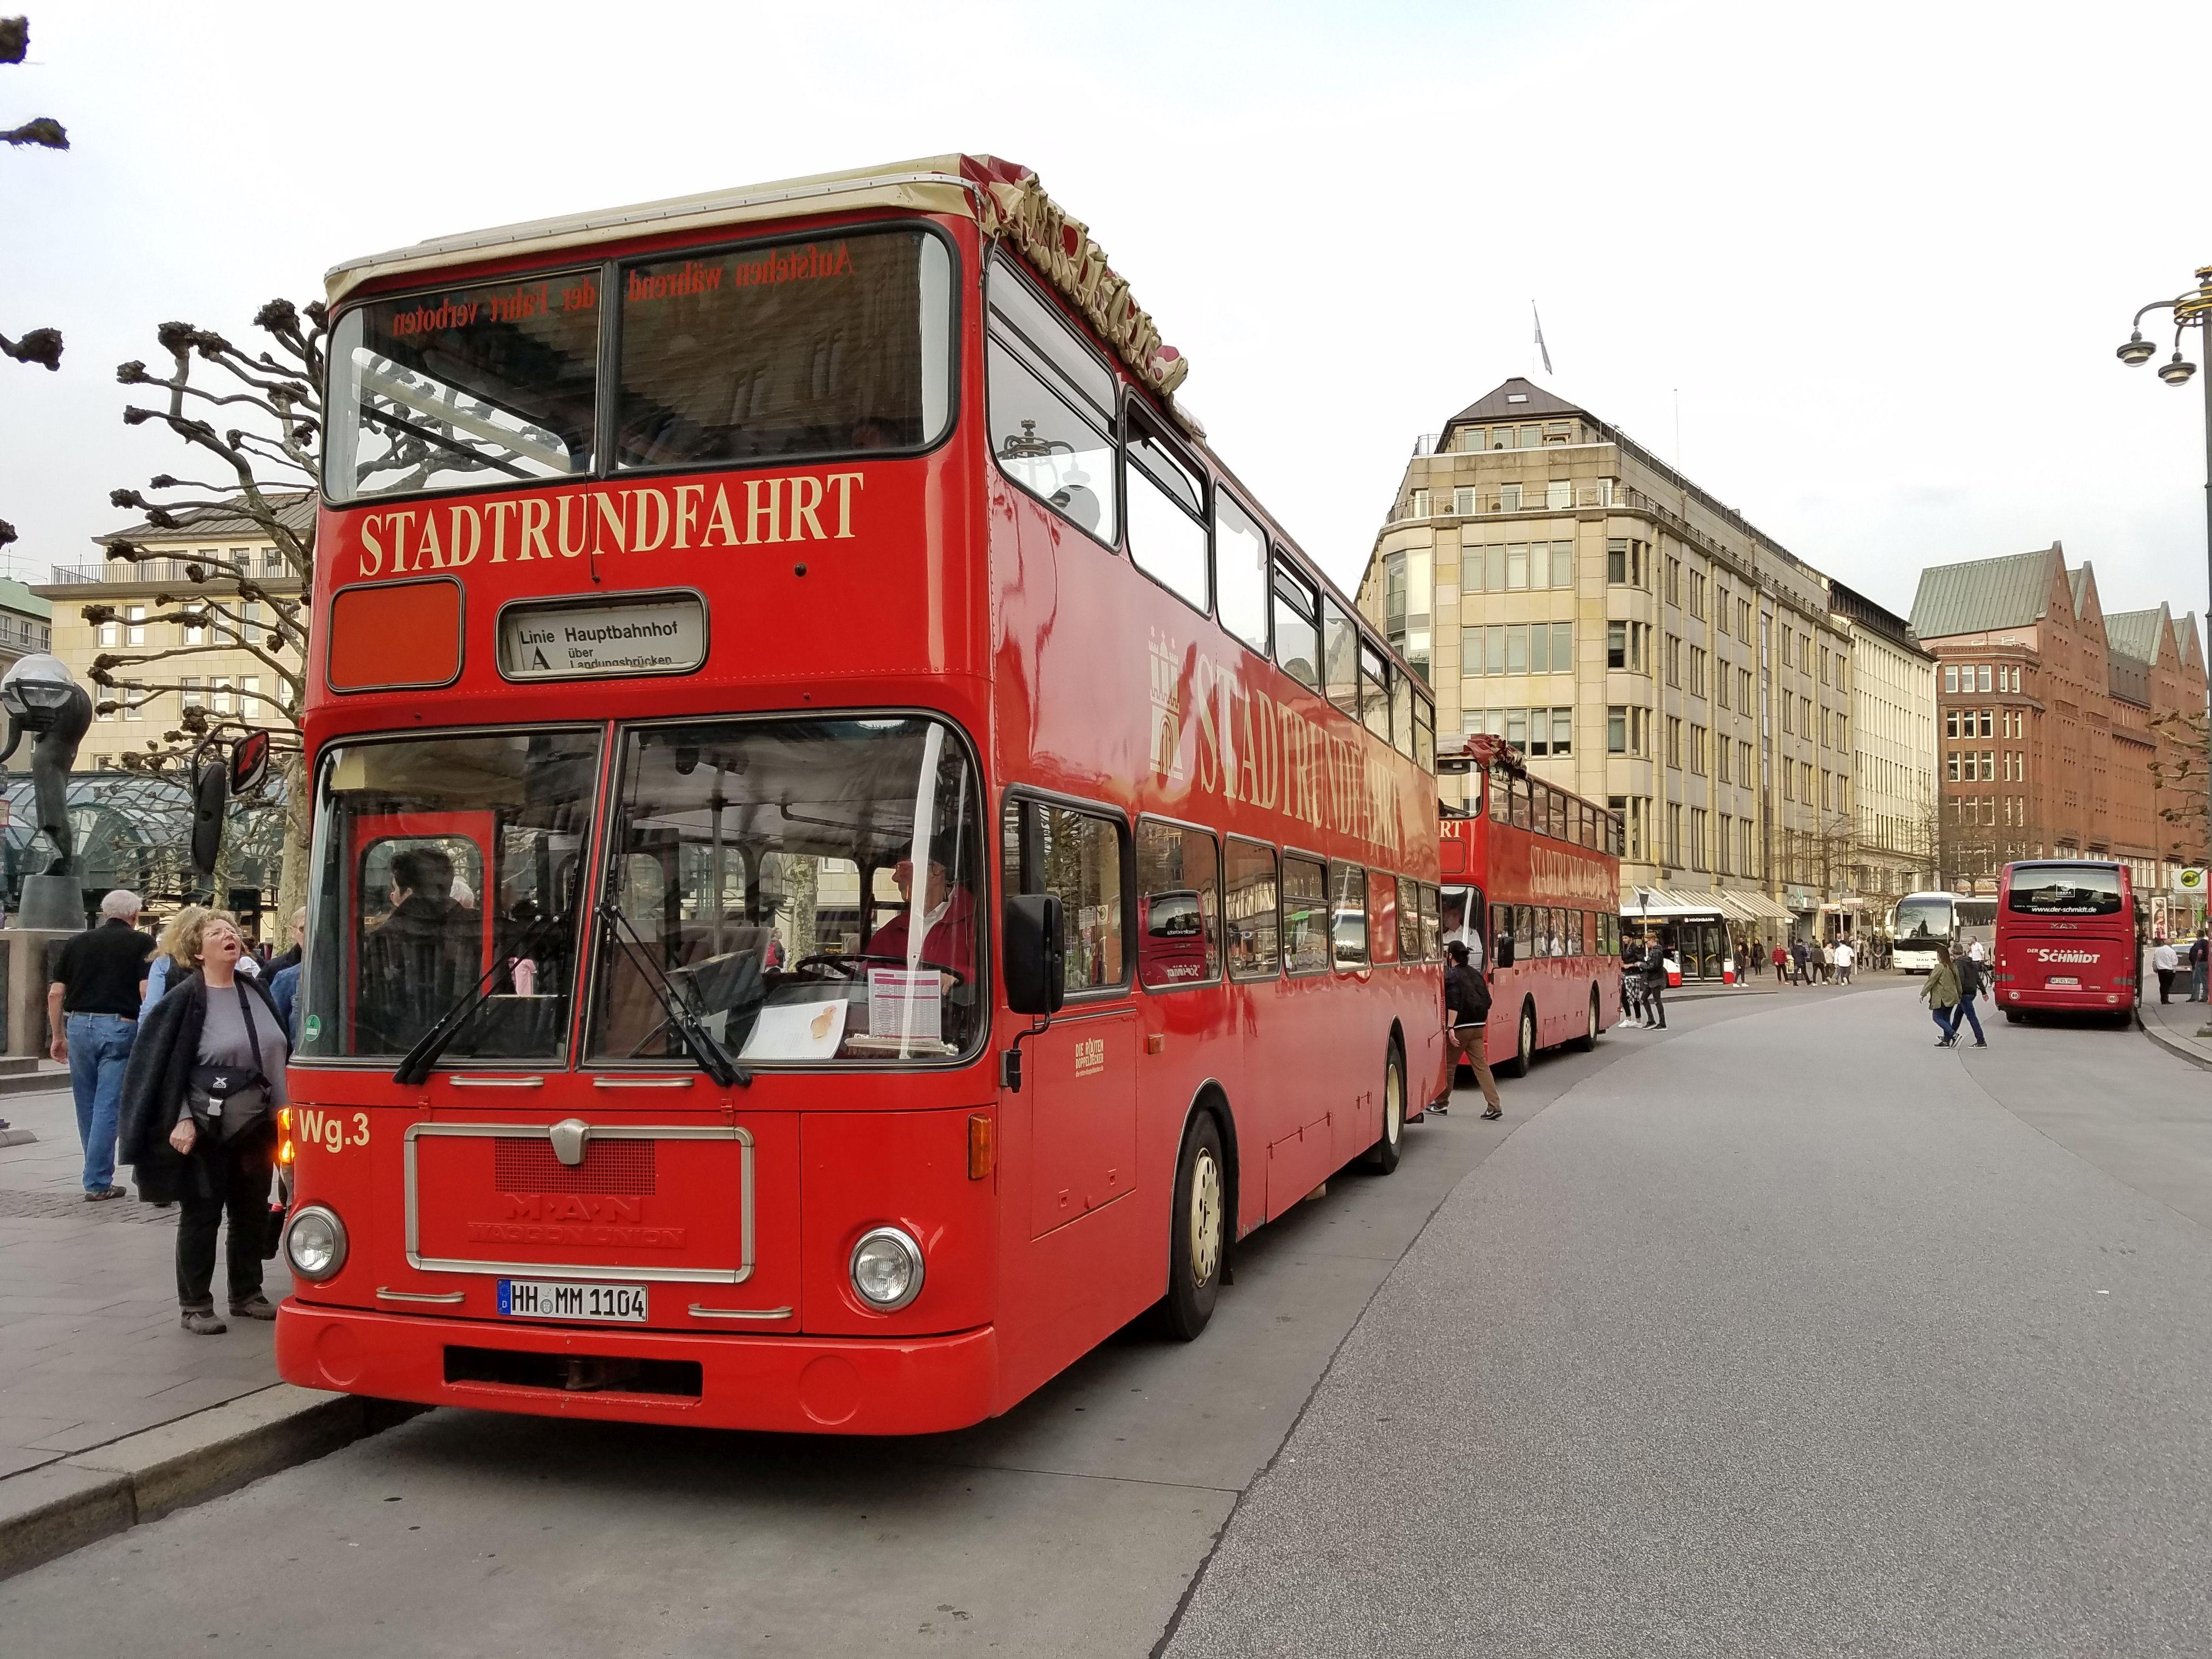 Foto: Bus 3109, Typ SD78, Stadtrundfahrtbus HH MM 1104, Hamburg, März 2017